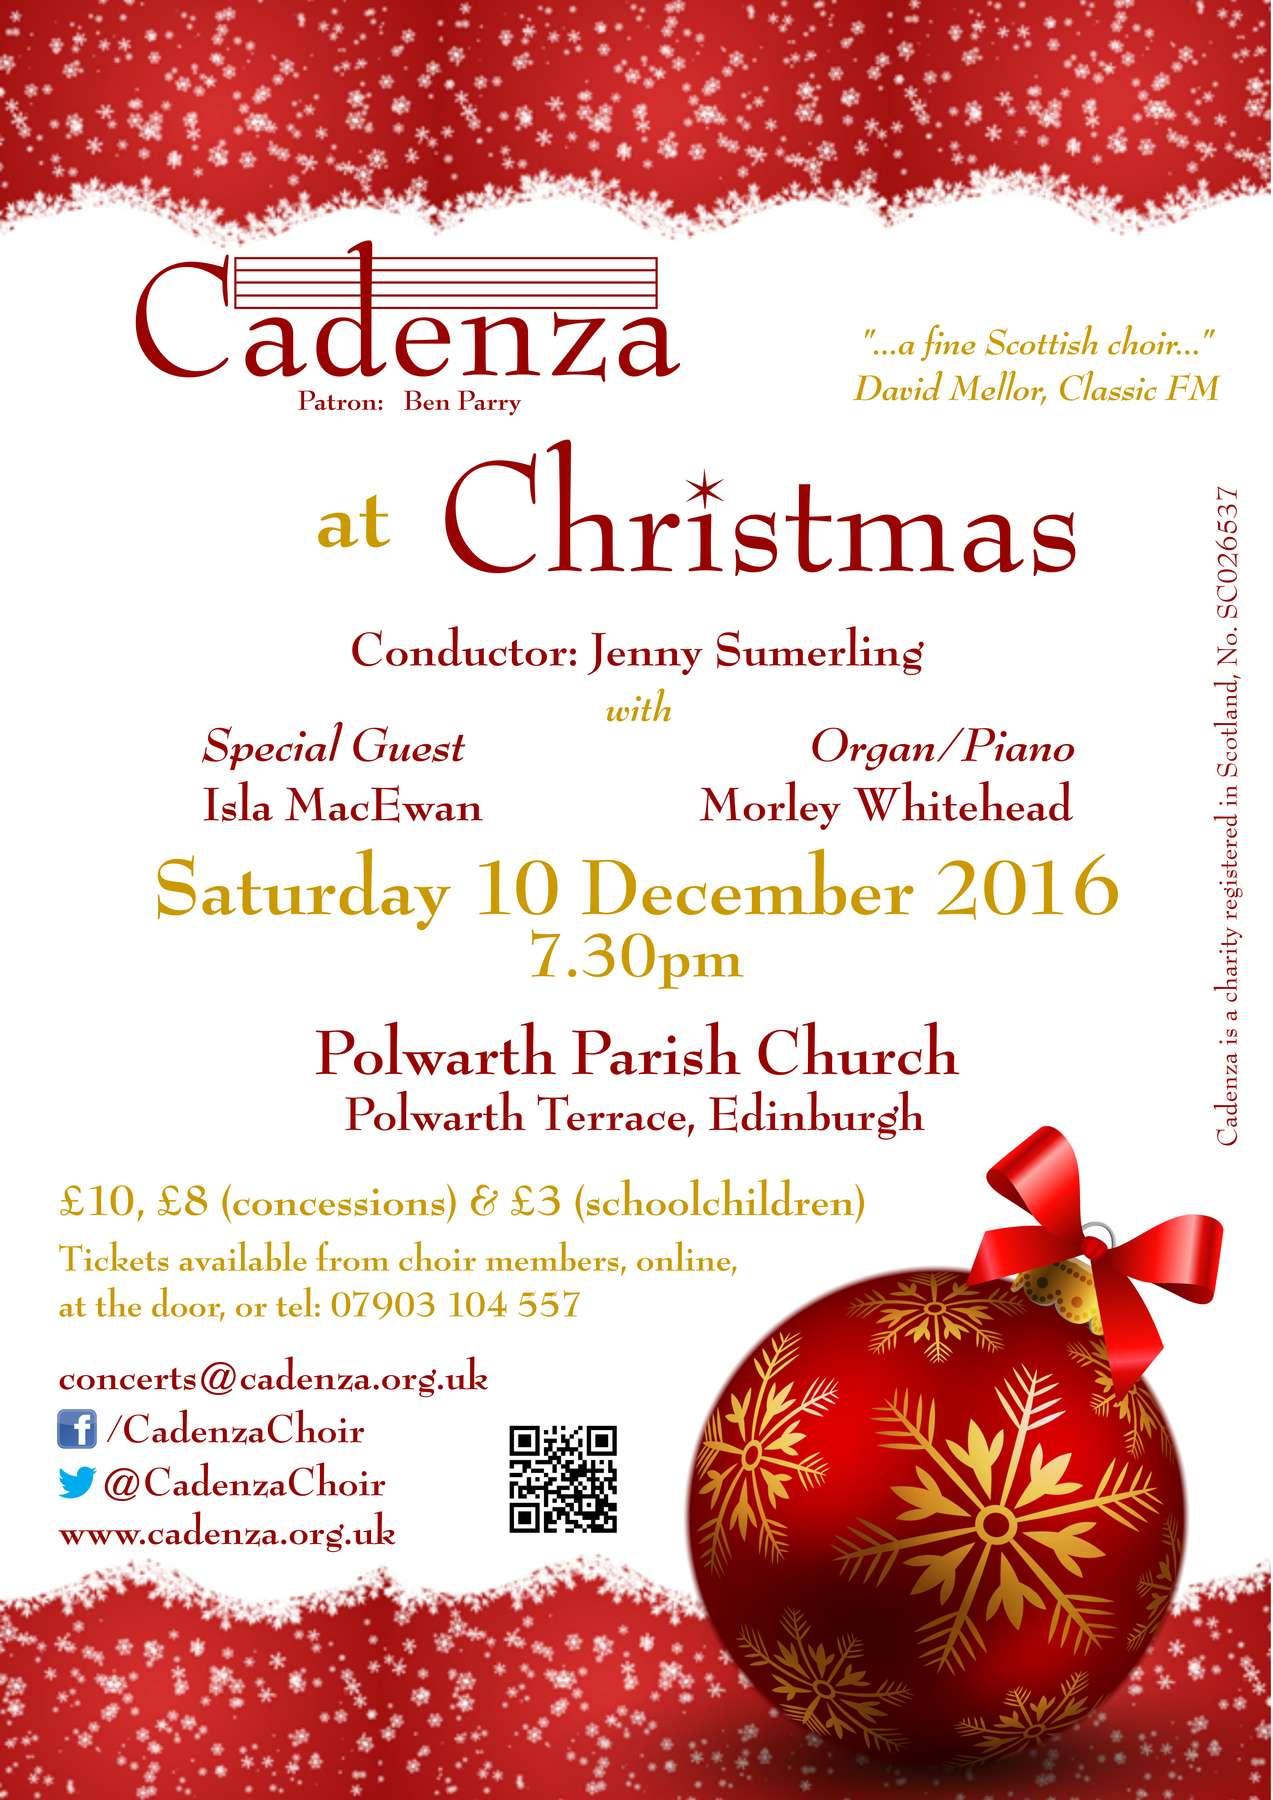 cadenza-at-christmas-2016-web